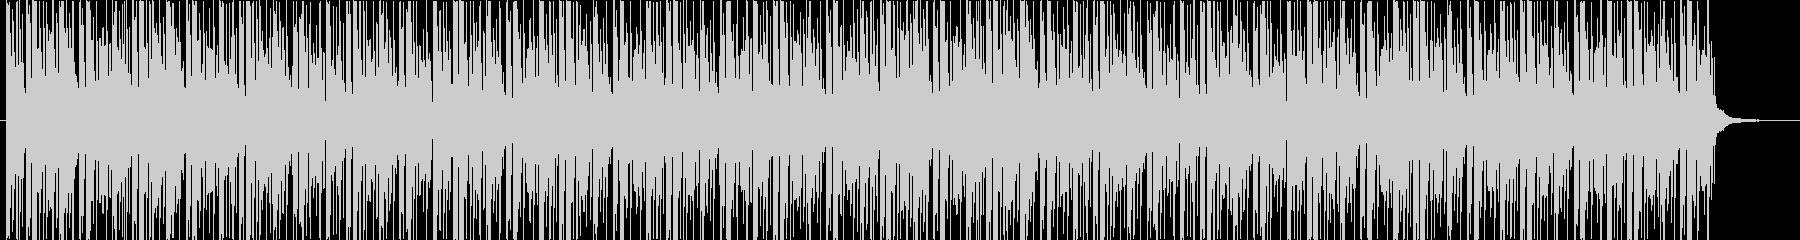 砂漠 民族楽器・ラクダ・サボテンの未再生の波形